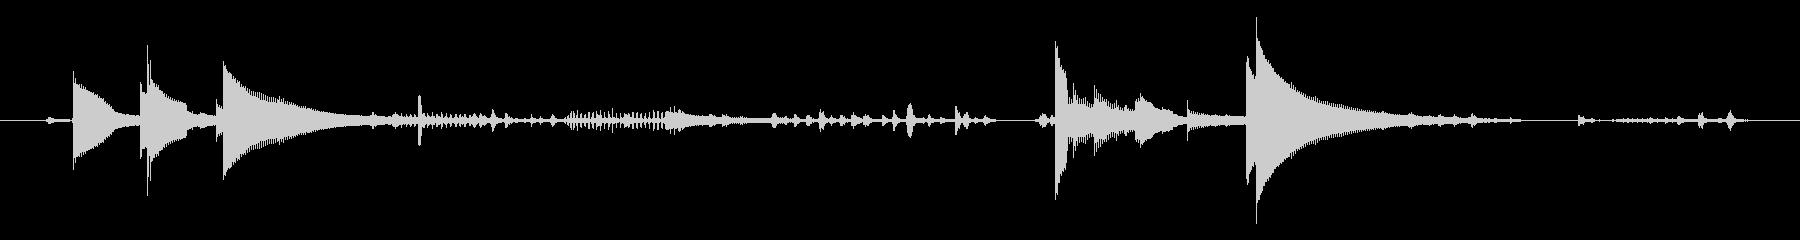 風鈴と鳥と虫の音 06の未再生の波形